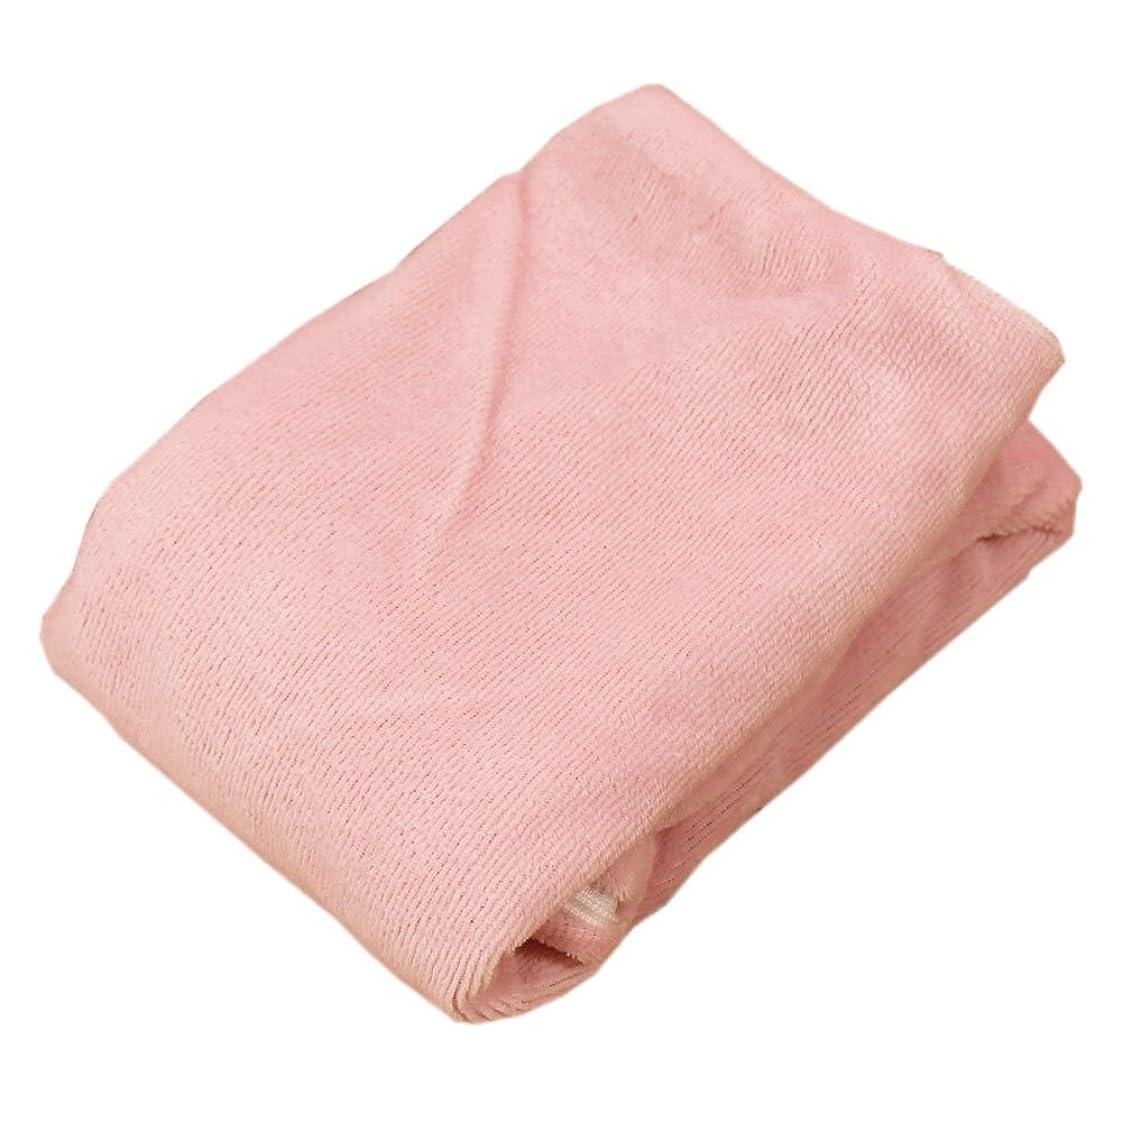 カフェ傘オズワルドやわらか 綿シャーリング  枕カバー  おおきめ 701351-0002